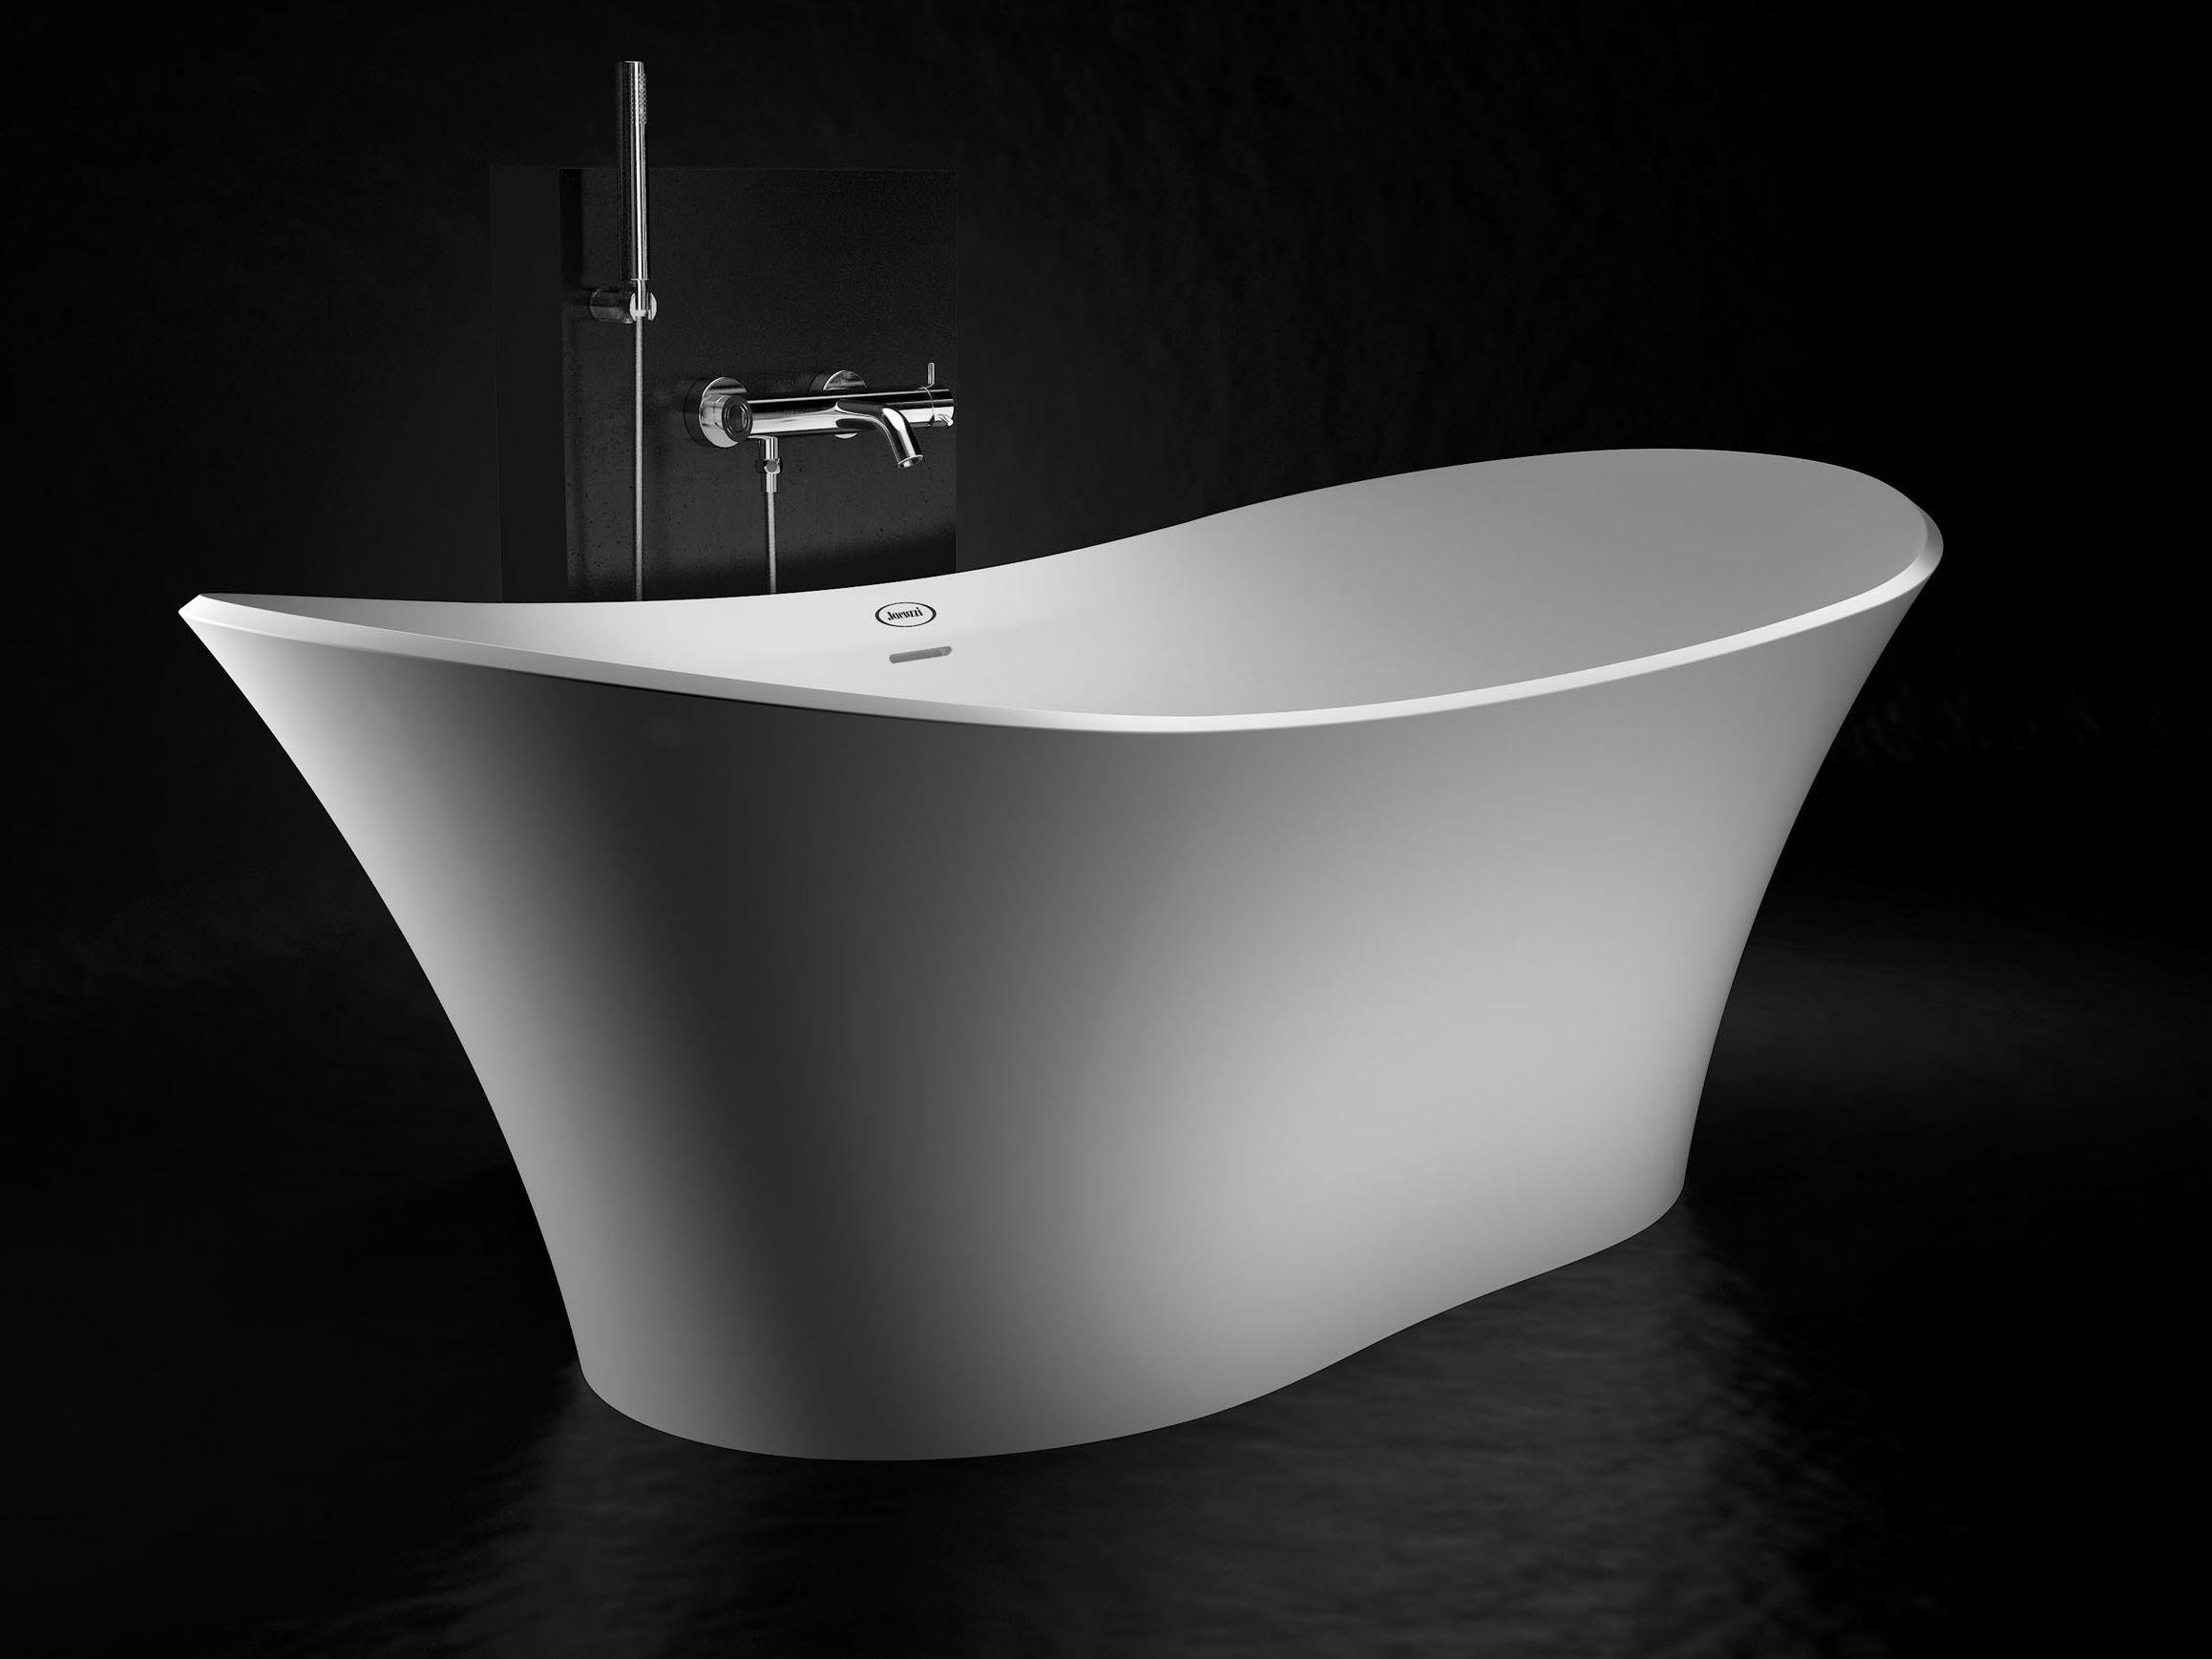 Vasca da bagno centro stanza infinito by jacuzzi europe - Vasca bagno jacuzzi ...